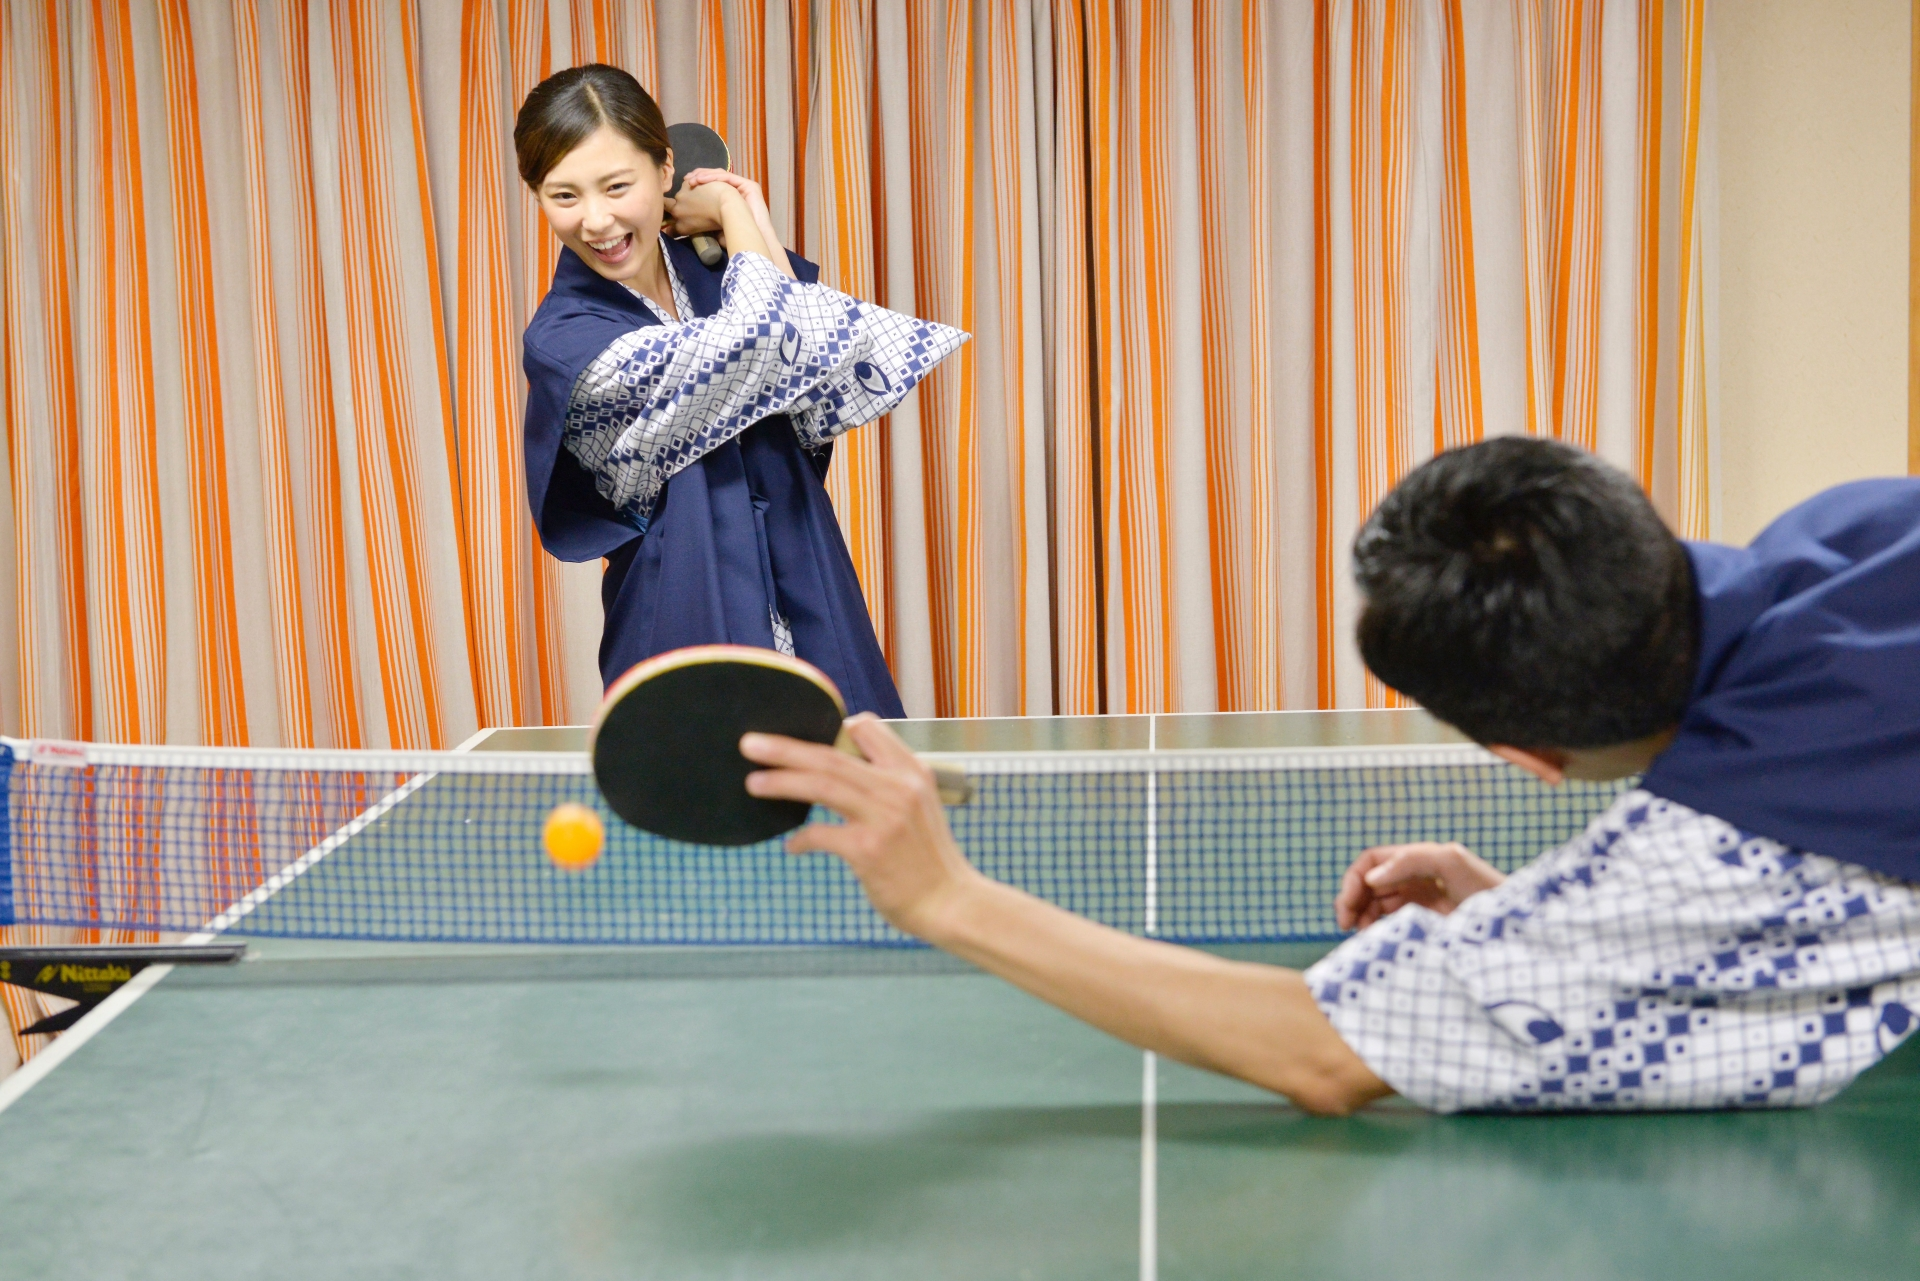 卓球の初心者が出来るサーブ練習のやり方とポイントを紹介